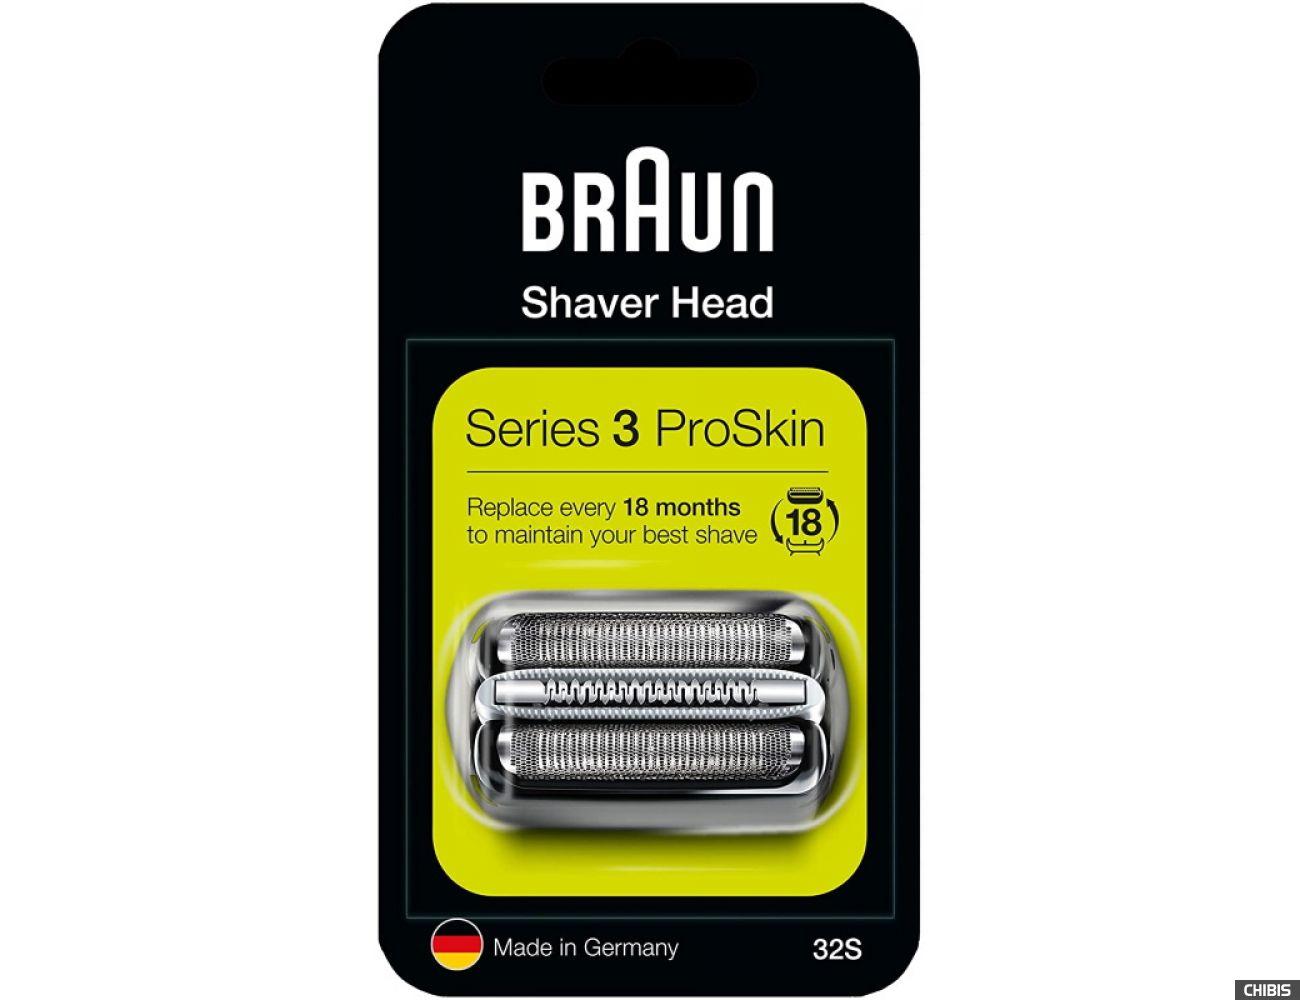 етка Braun 32S в блистерной упаковке